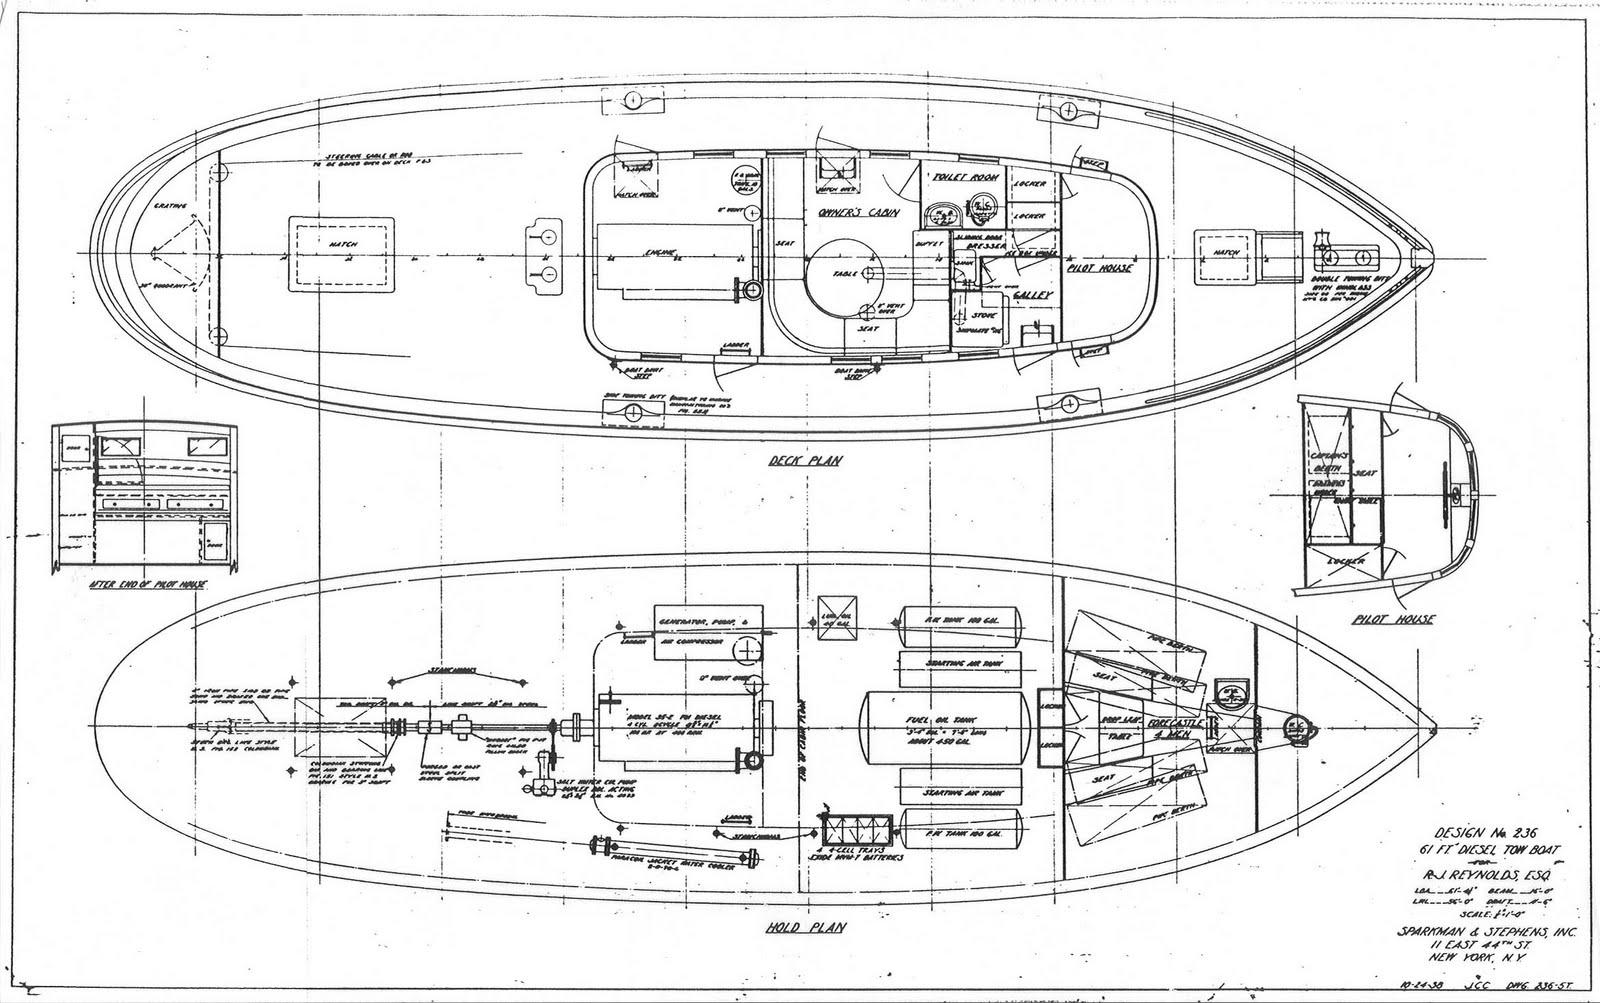 Sparkman Amp Stephens Designed A Tugboat